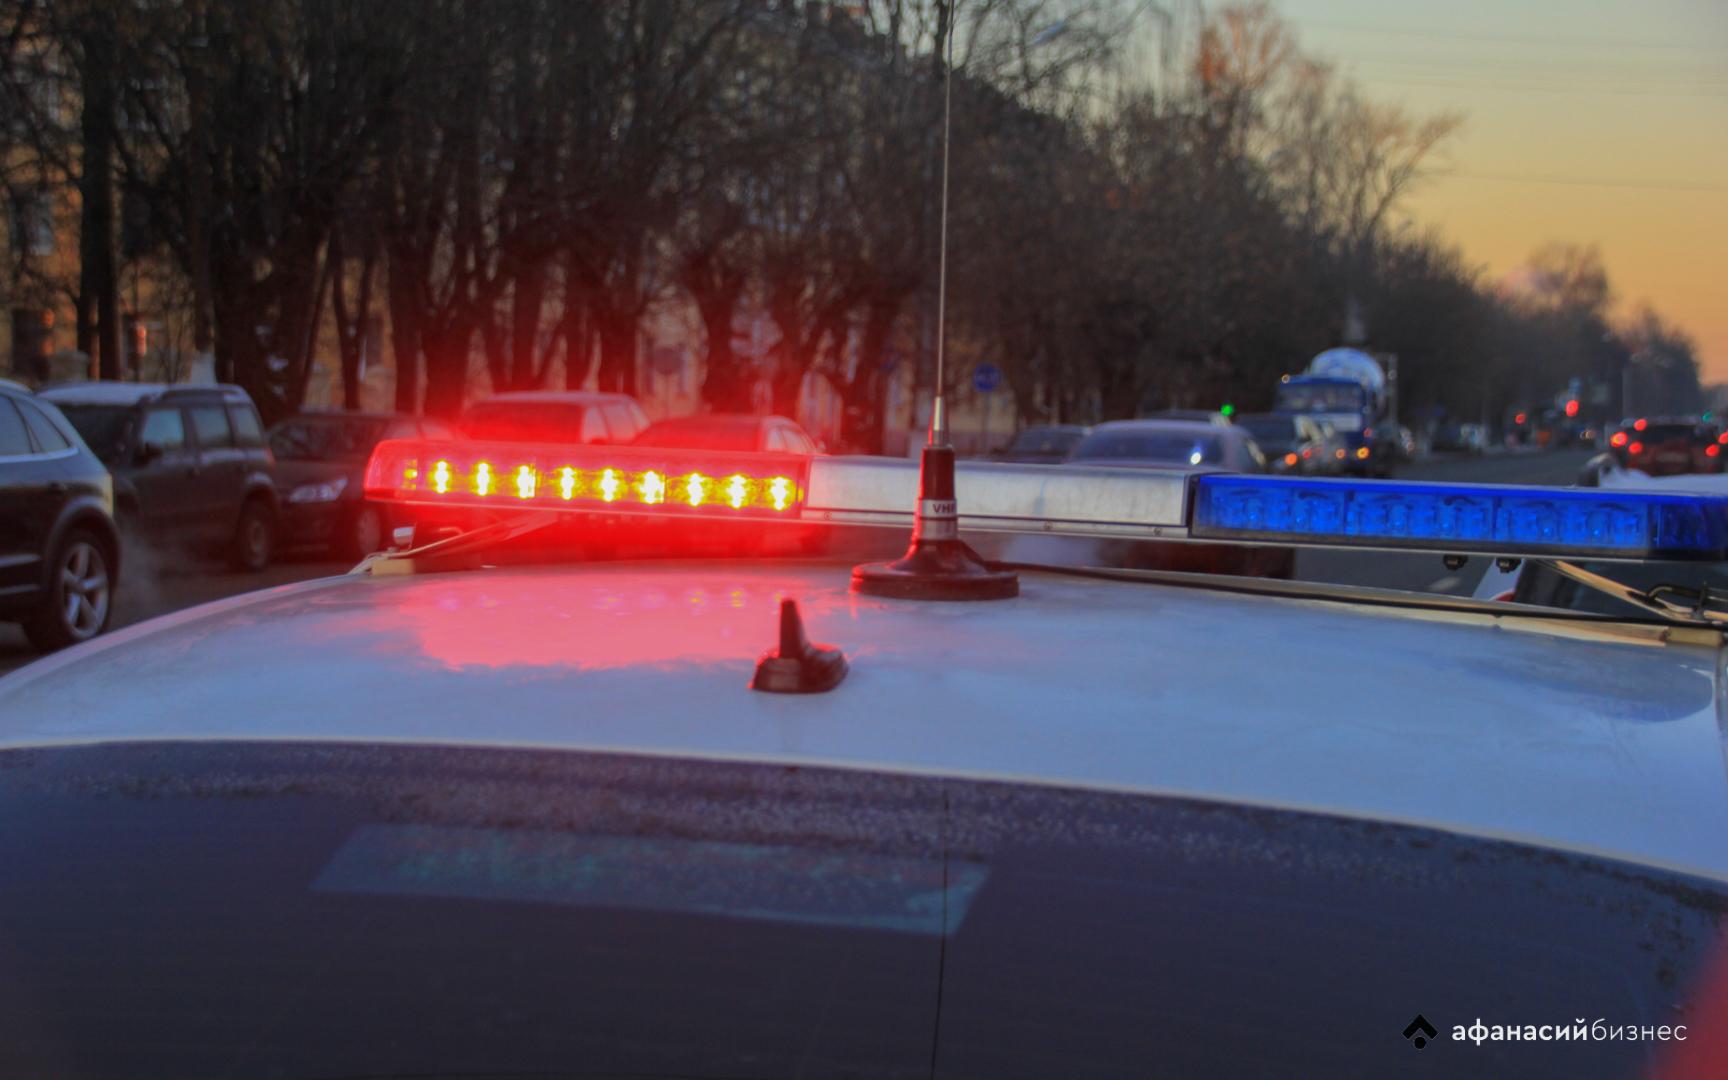 В Тверской области будут судить угонщика, попавшегося на пьянстве за рулем